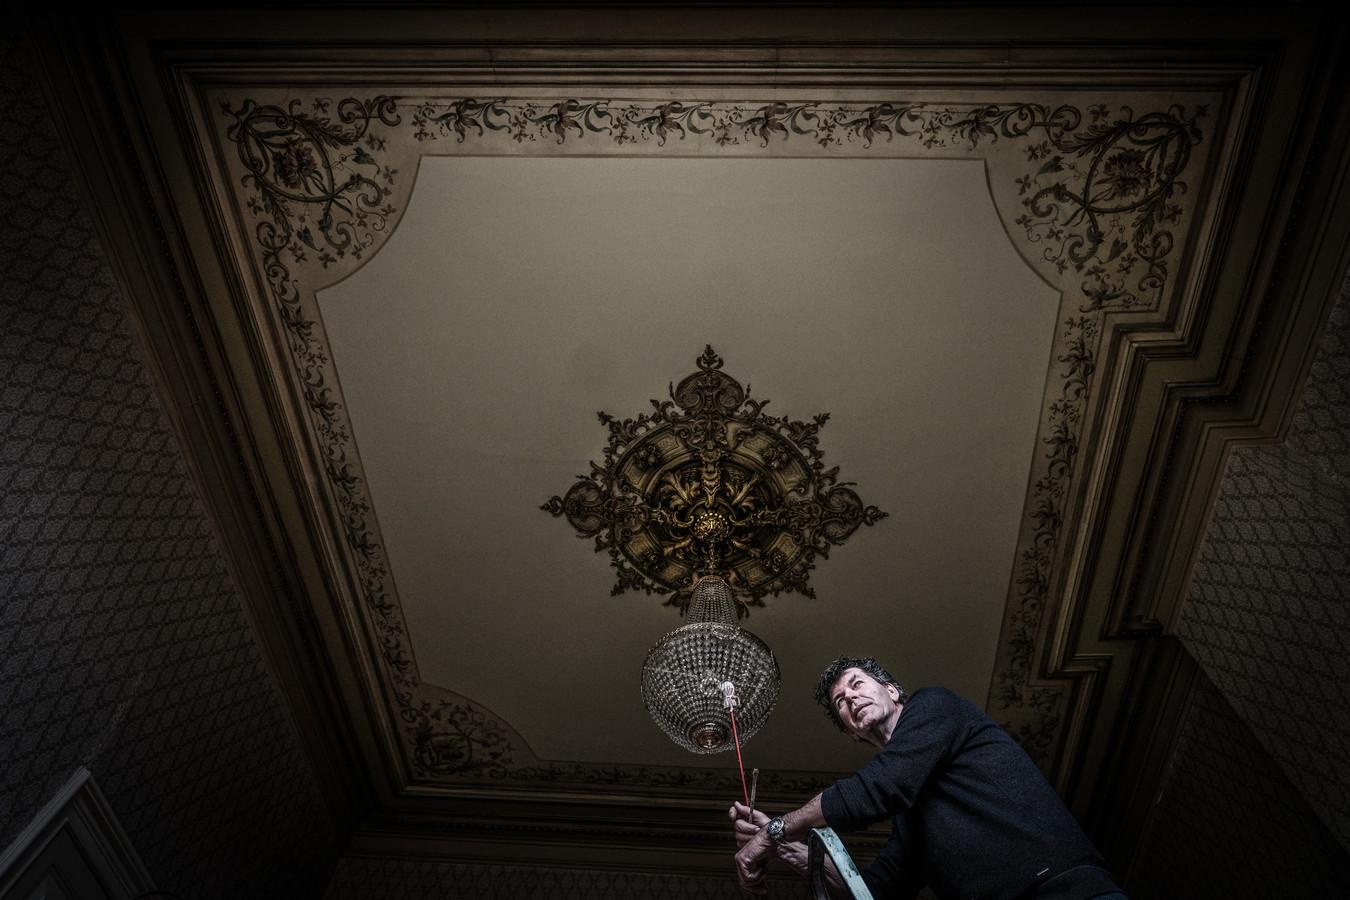 Leo Scholten legt de laatste hand aan de restauratie van een ornamentenplafond in een monumentaal Doesburgs pand.